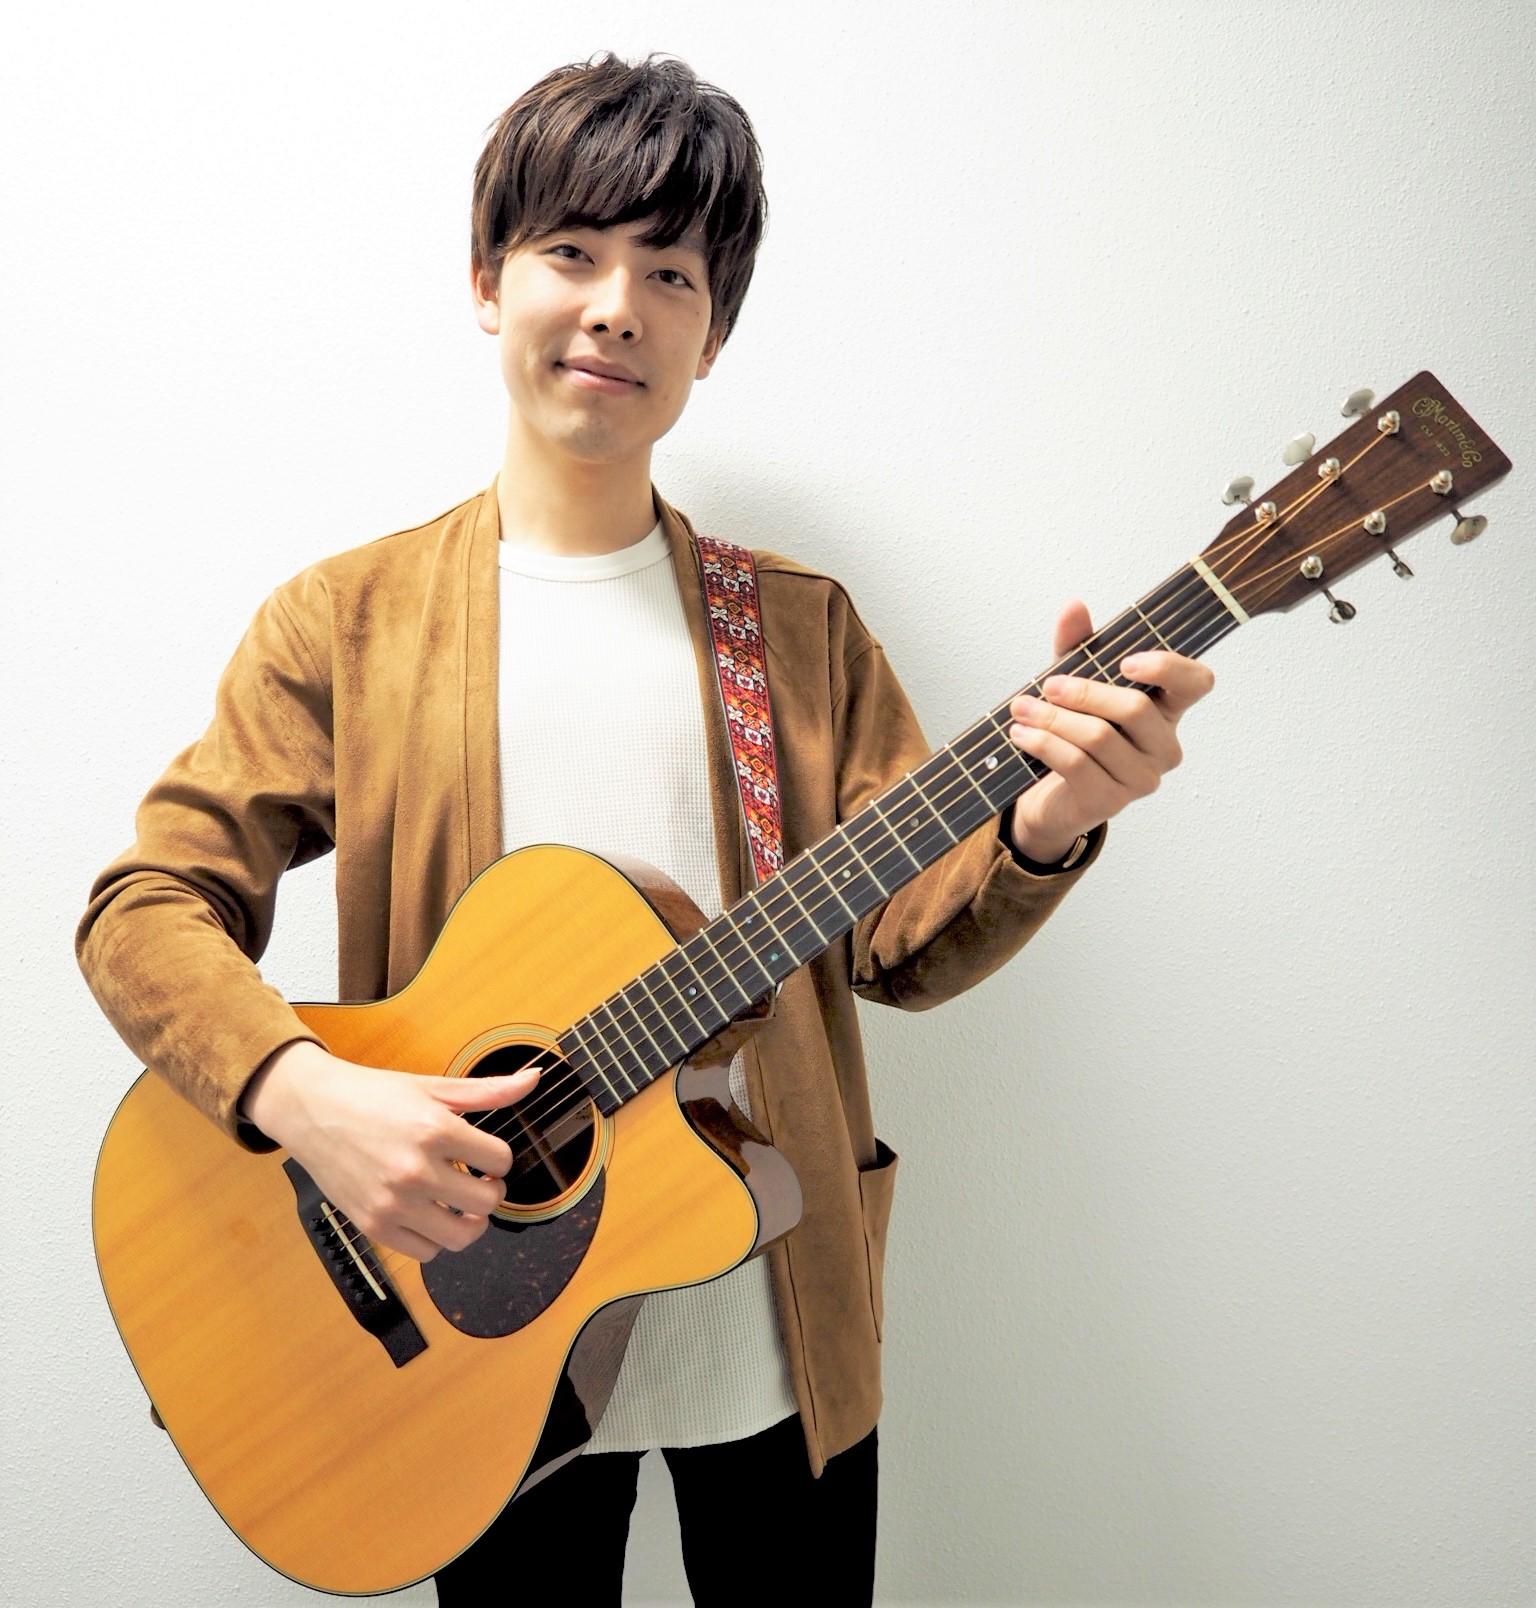 アコースティックギター教室講師紹介 秋枝雅史